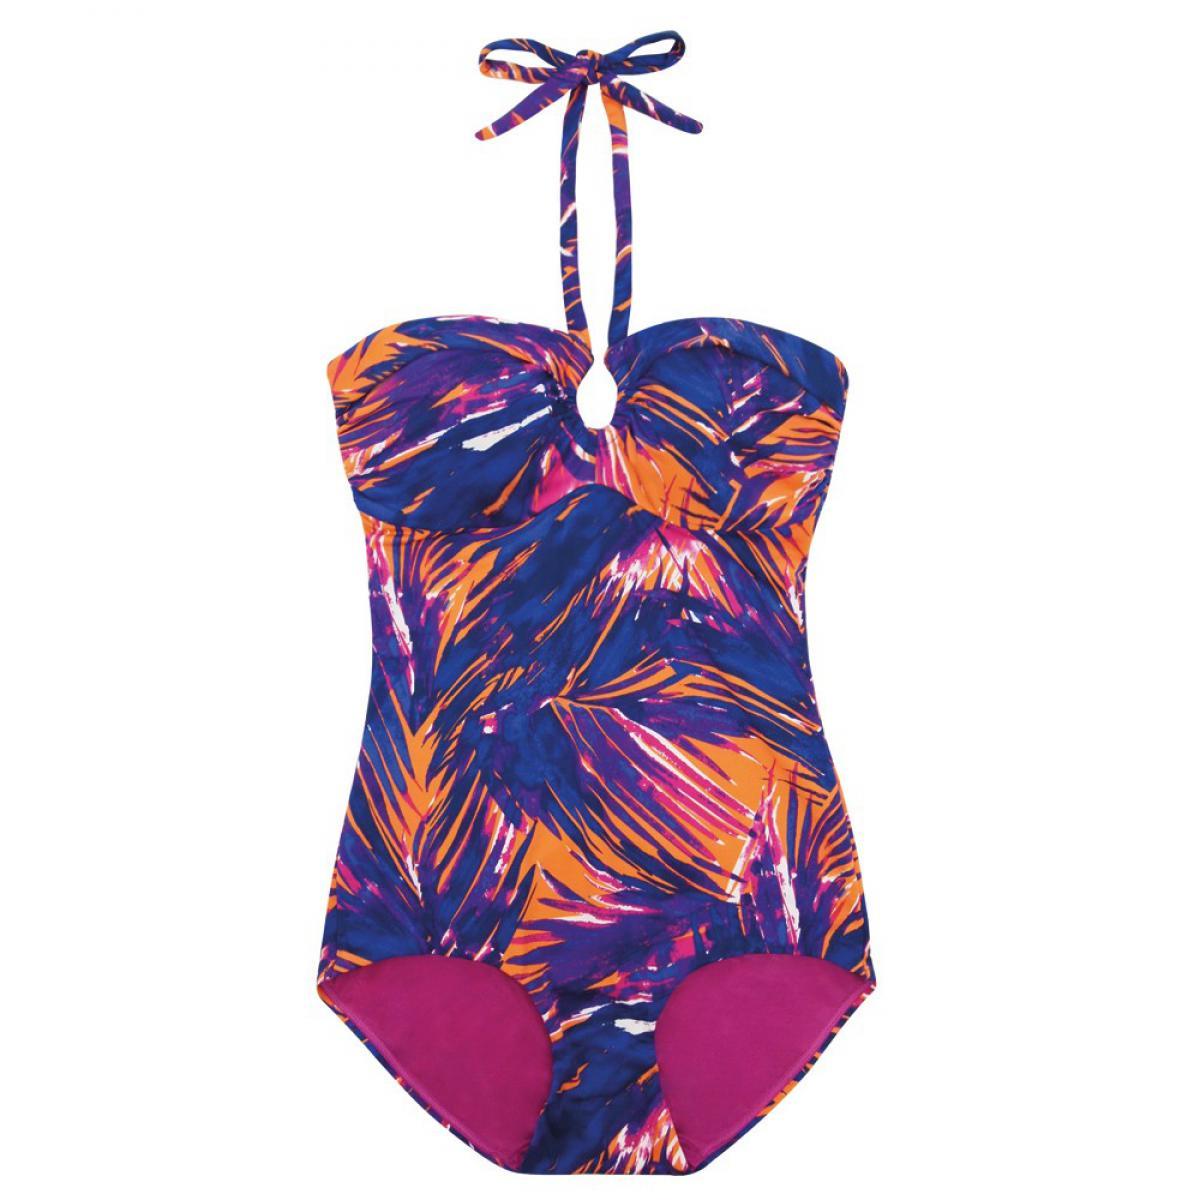 maillot de bain une pi ce gainant fever tropical palm par scandale bain. Black Bedroom Furniture Sets. Home Design Ideas